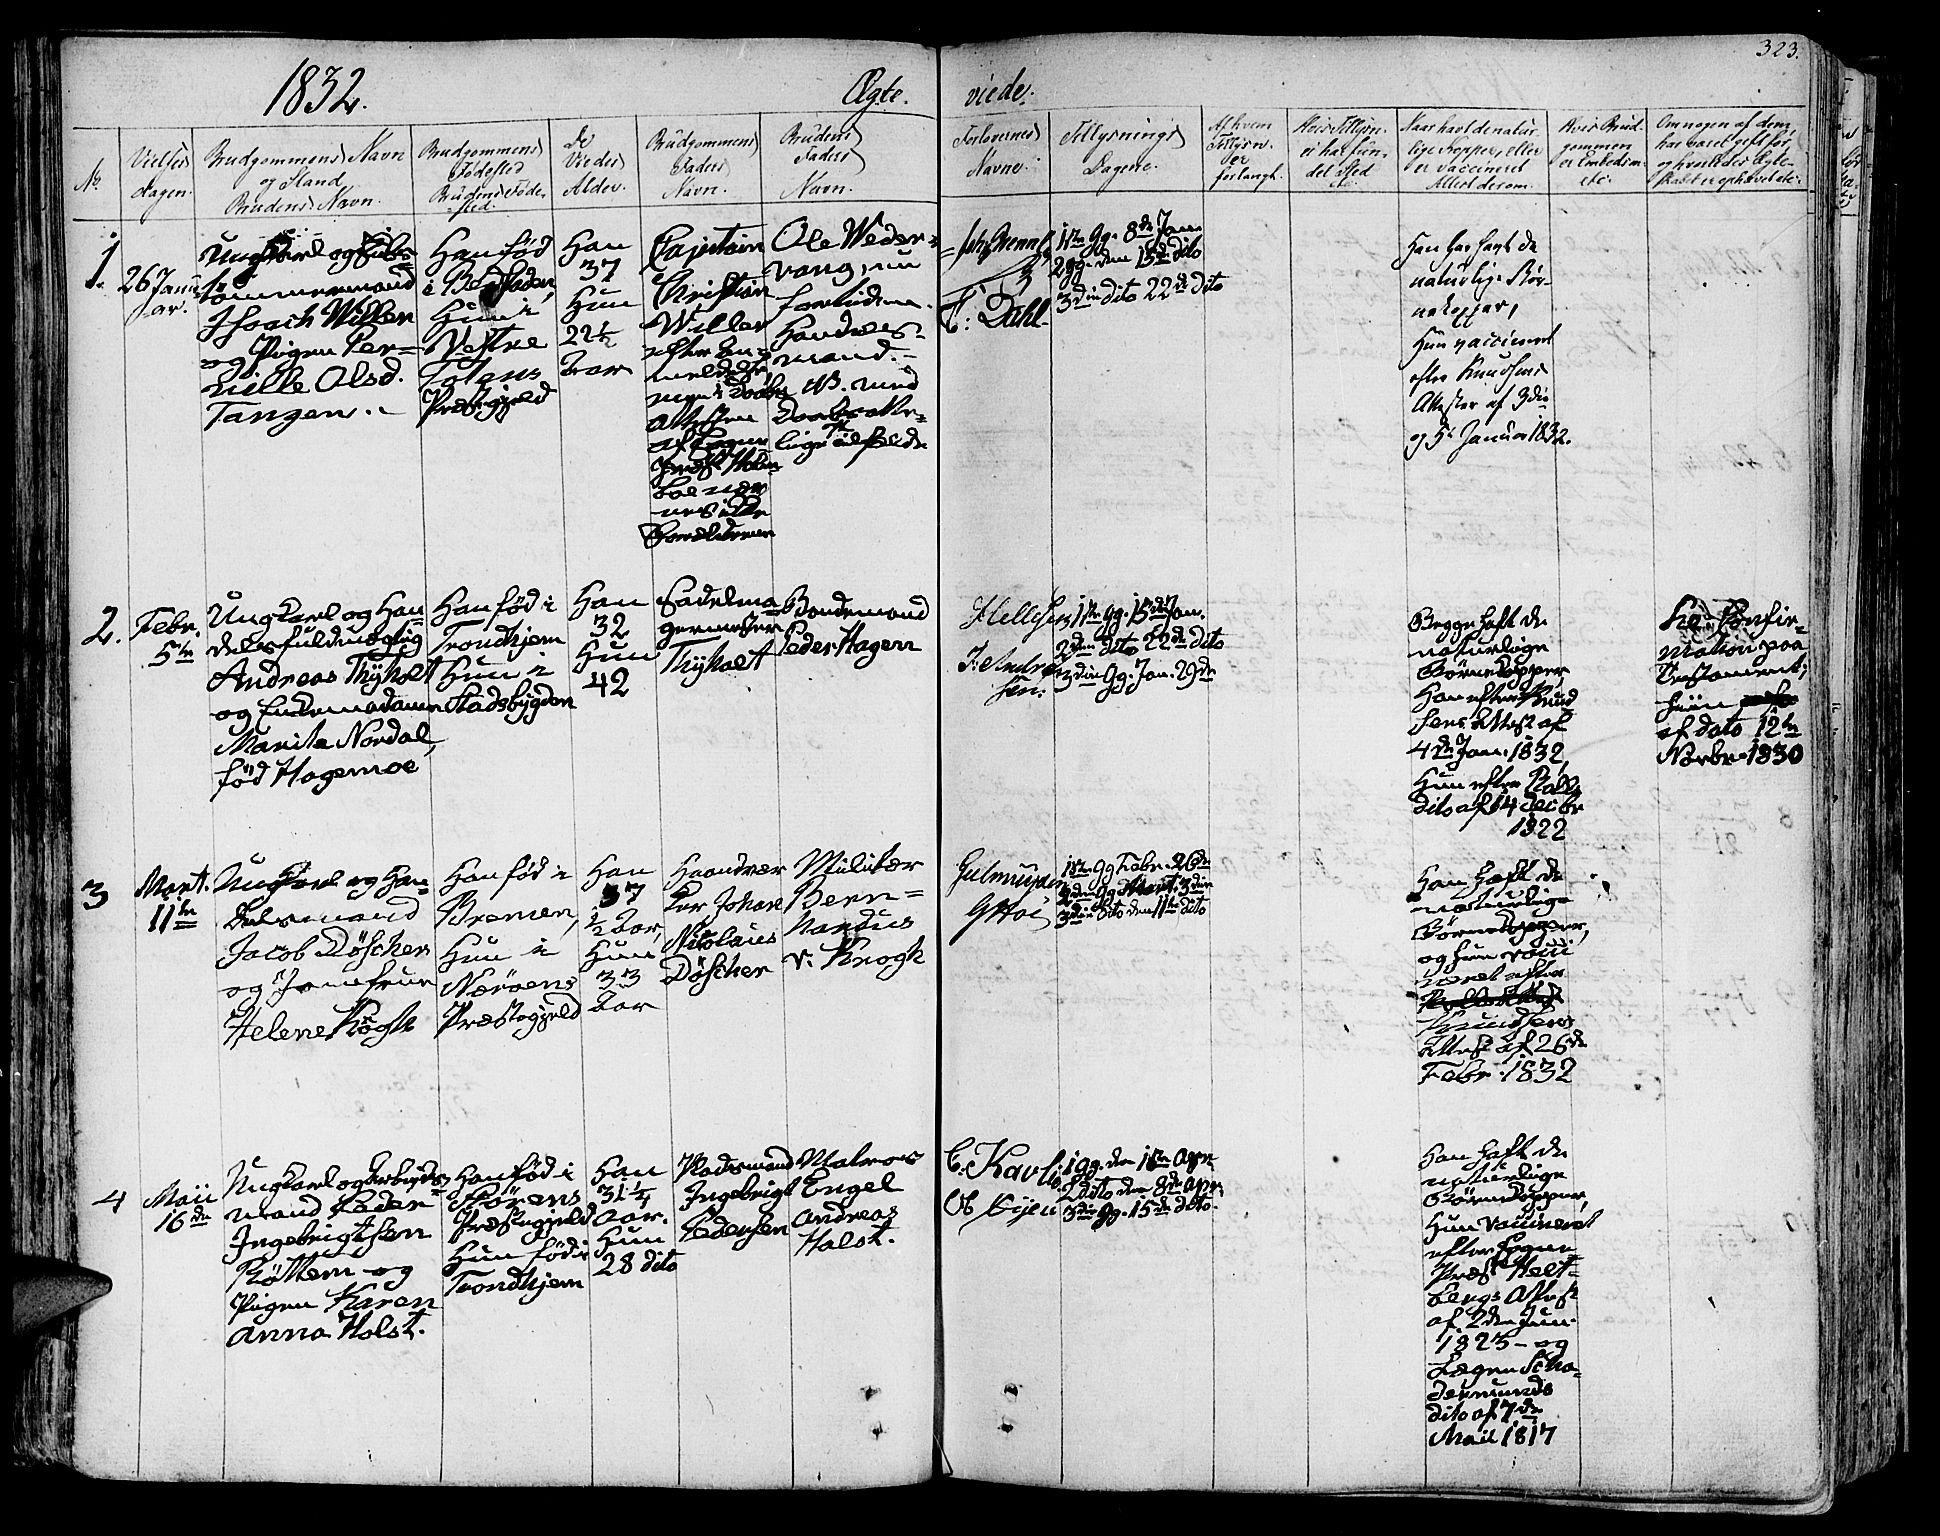 SAT, Ministerialprotokoller, klokkerbøker og fødselsregistre - Sør-Trøndelag, 602/L0109: Ministerialbok nr. 602A07, 1821-1840, s. 323